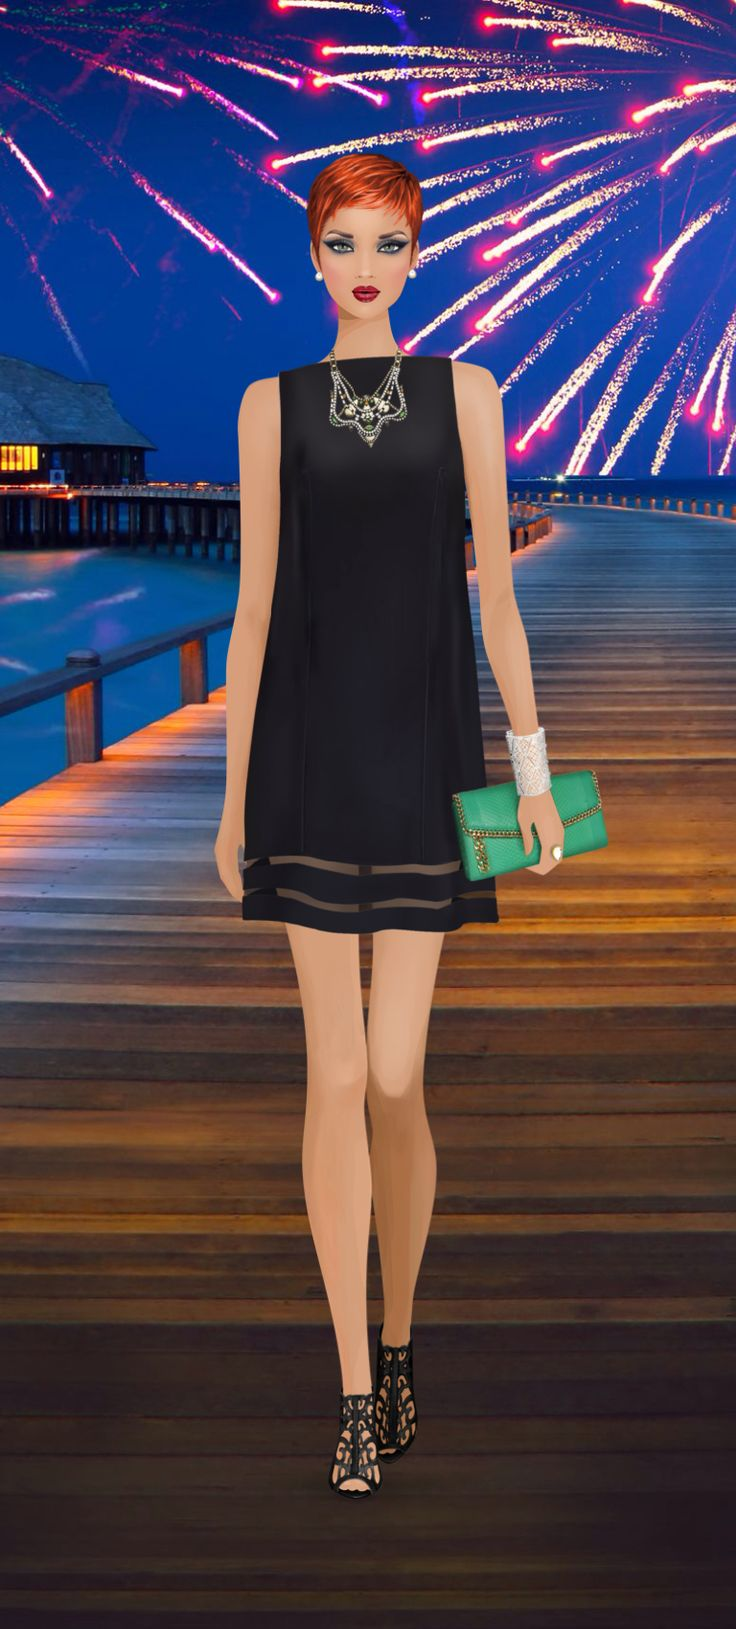 Fashion Game Covet Fashion Events Pinterest Game Fashion And Fashion Games